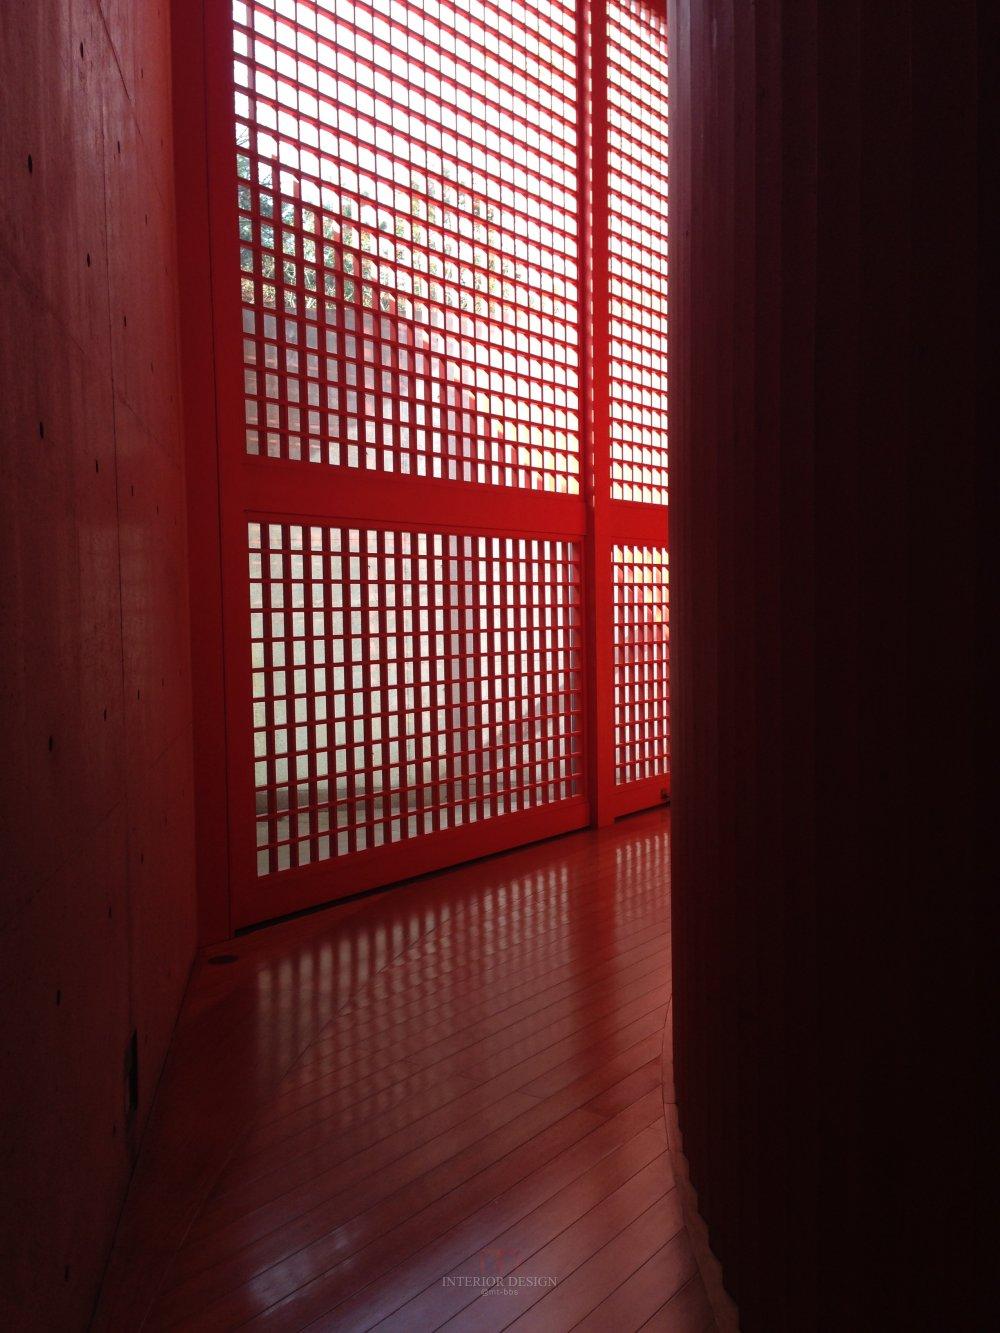 #伙伴一起看日本#  日本设计考察分享(更新美秀美术馆)_IMG_5183.JPG